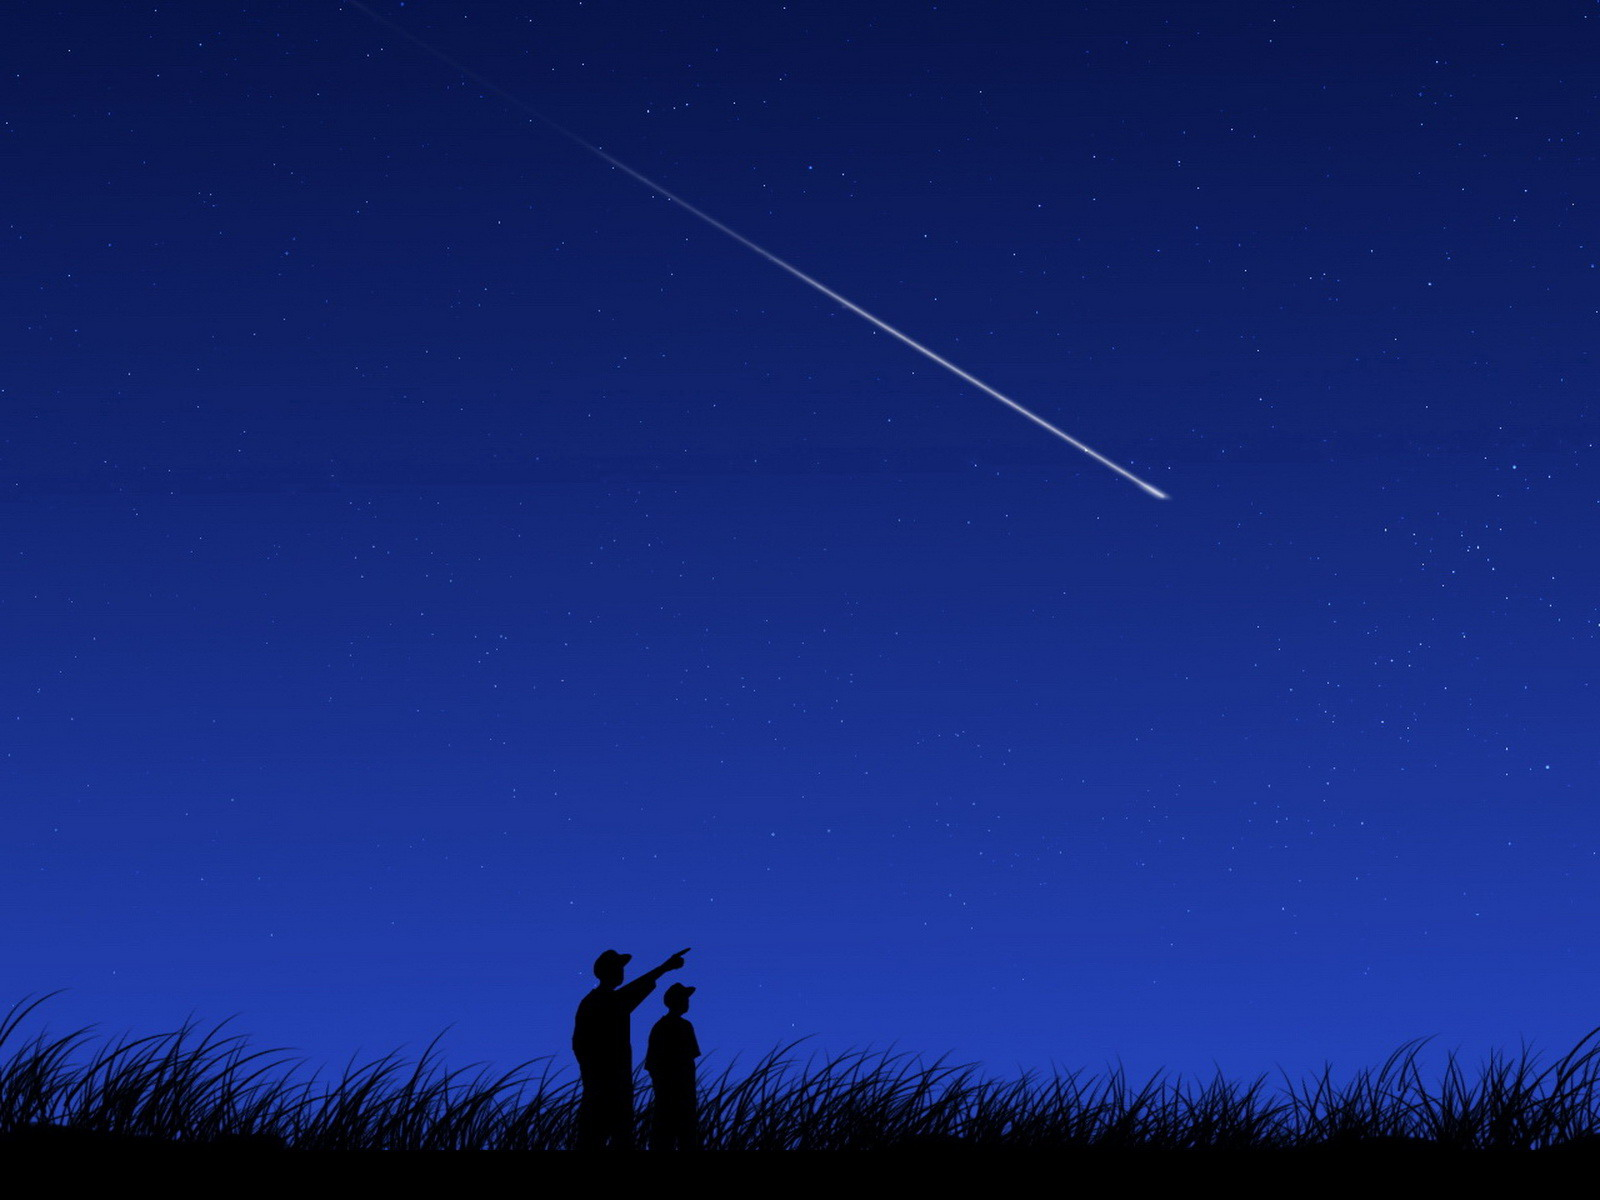 Imagen de referencia de una lluvia de estrellas